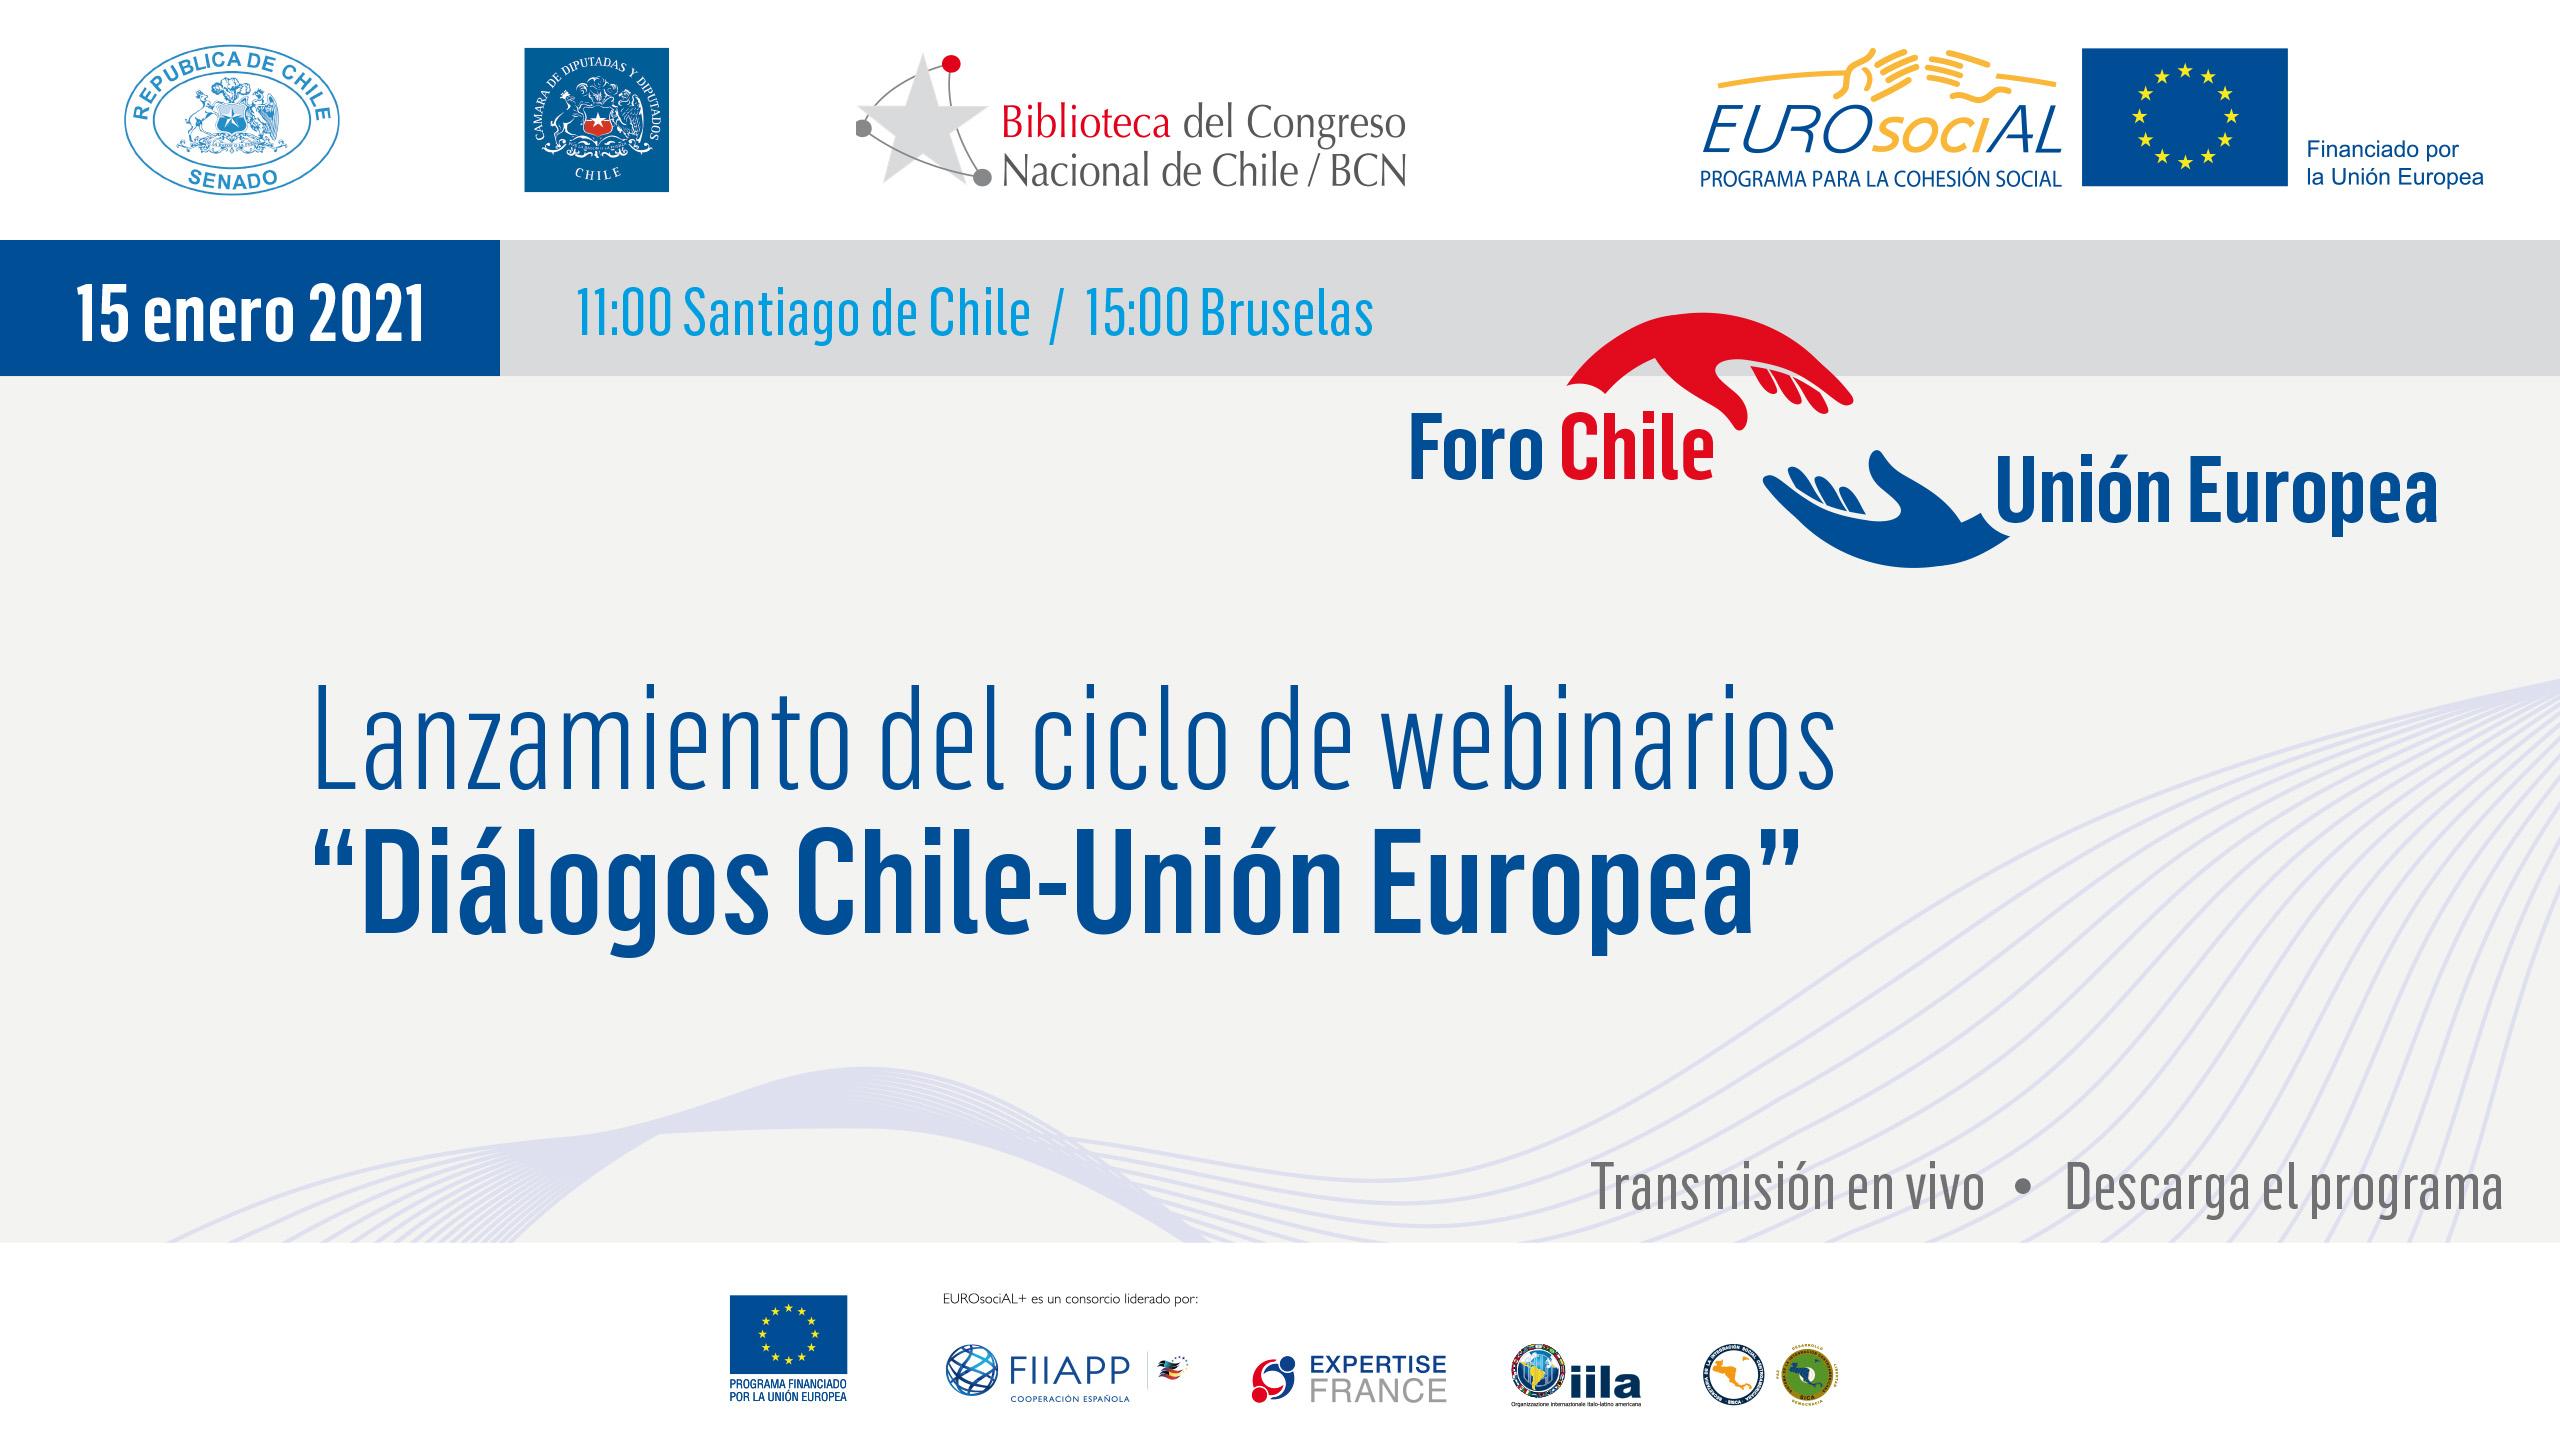 Diálogos Chile-Unión Europea. Lanzamiento de la serie de webinarios